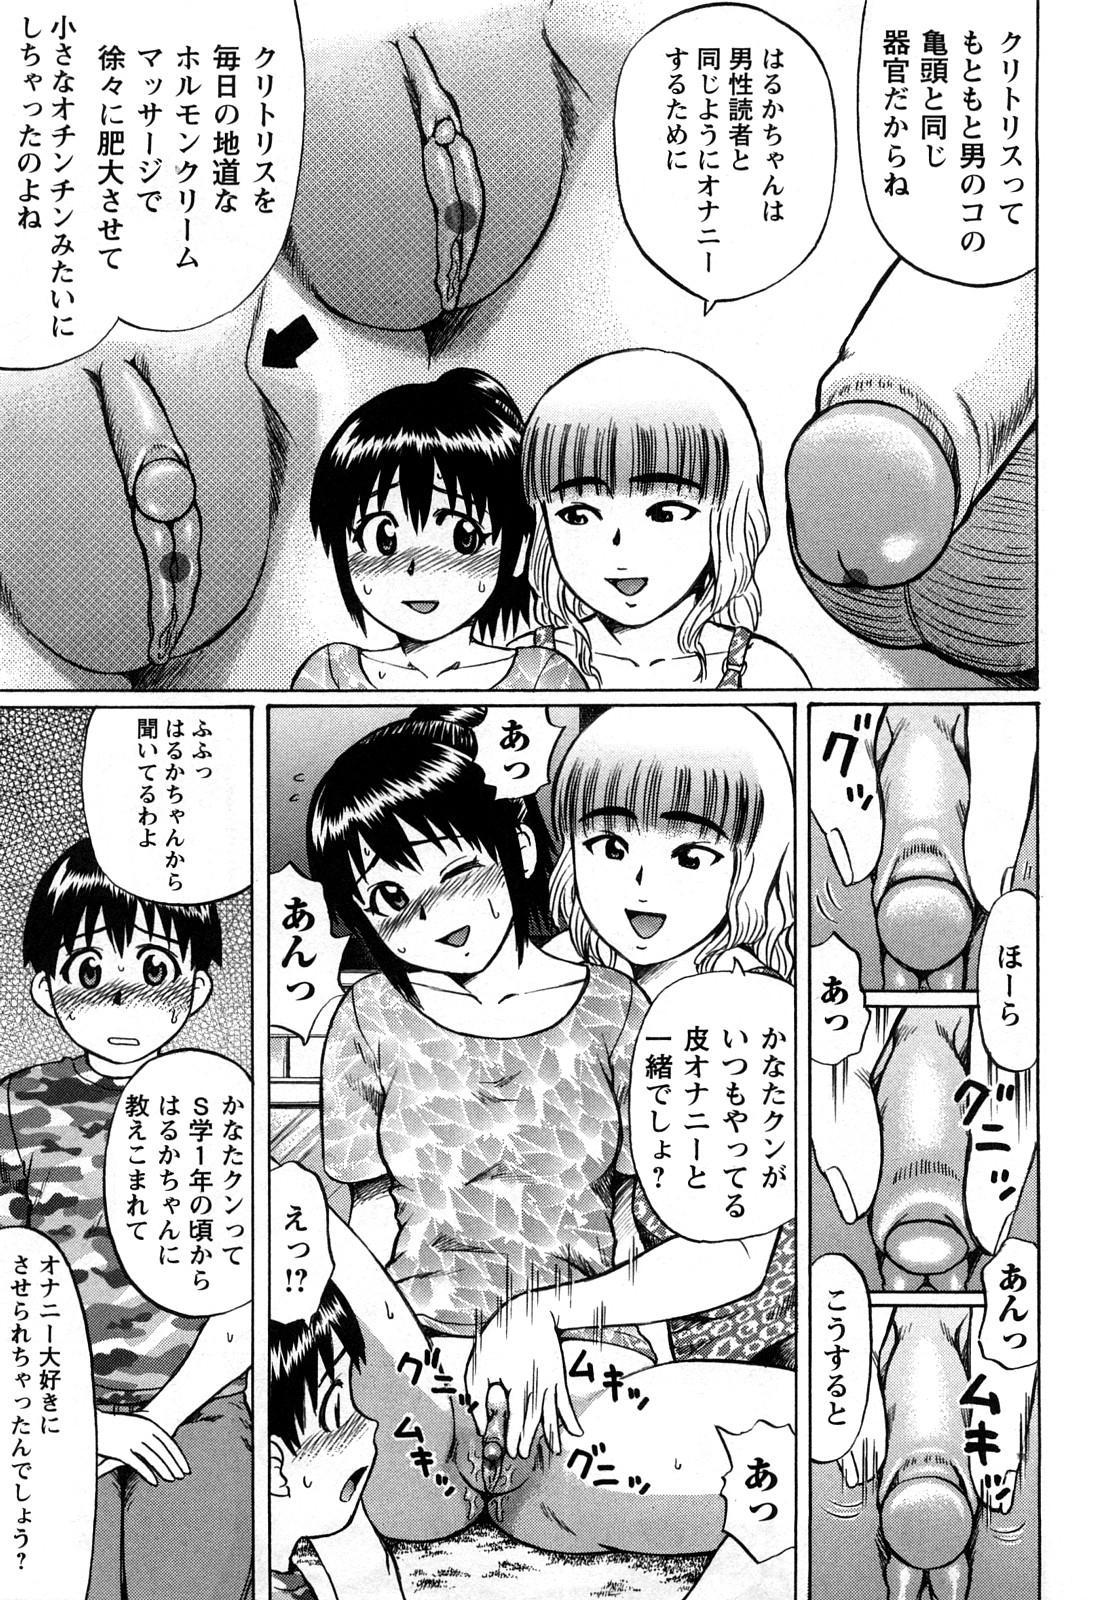 Kimi-tachi Doutei? 166